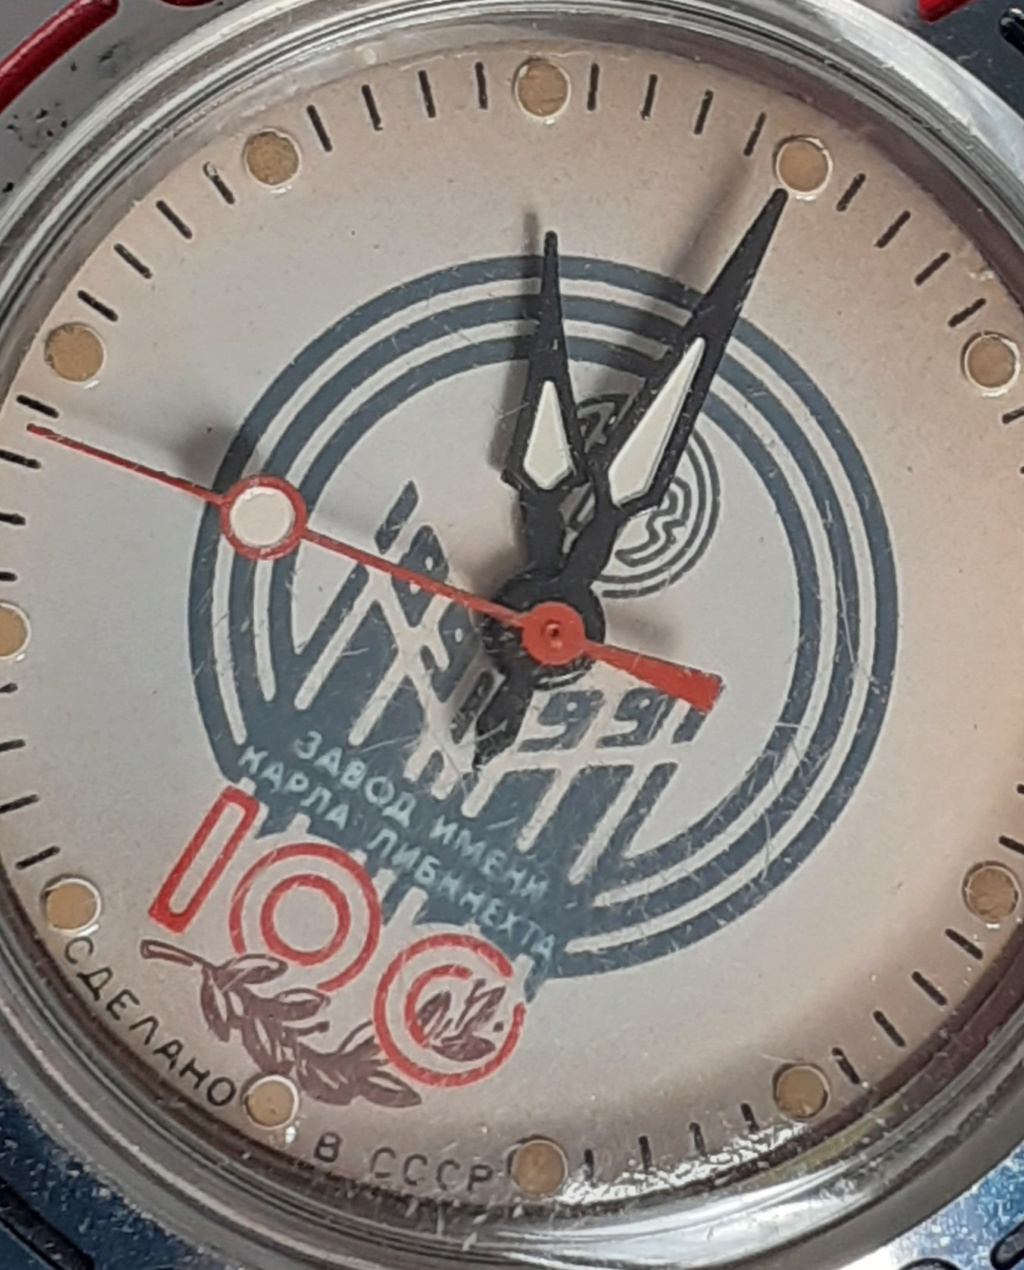 [Mini-revue] Vostok - Karl Liebknecht 1891-1991 20200530